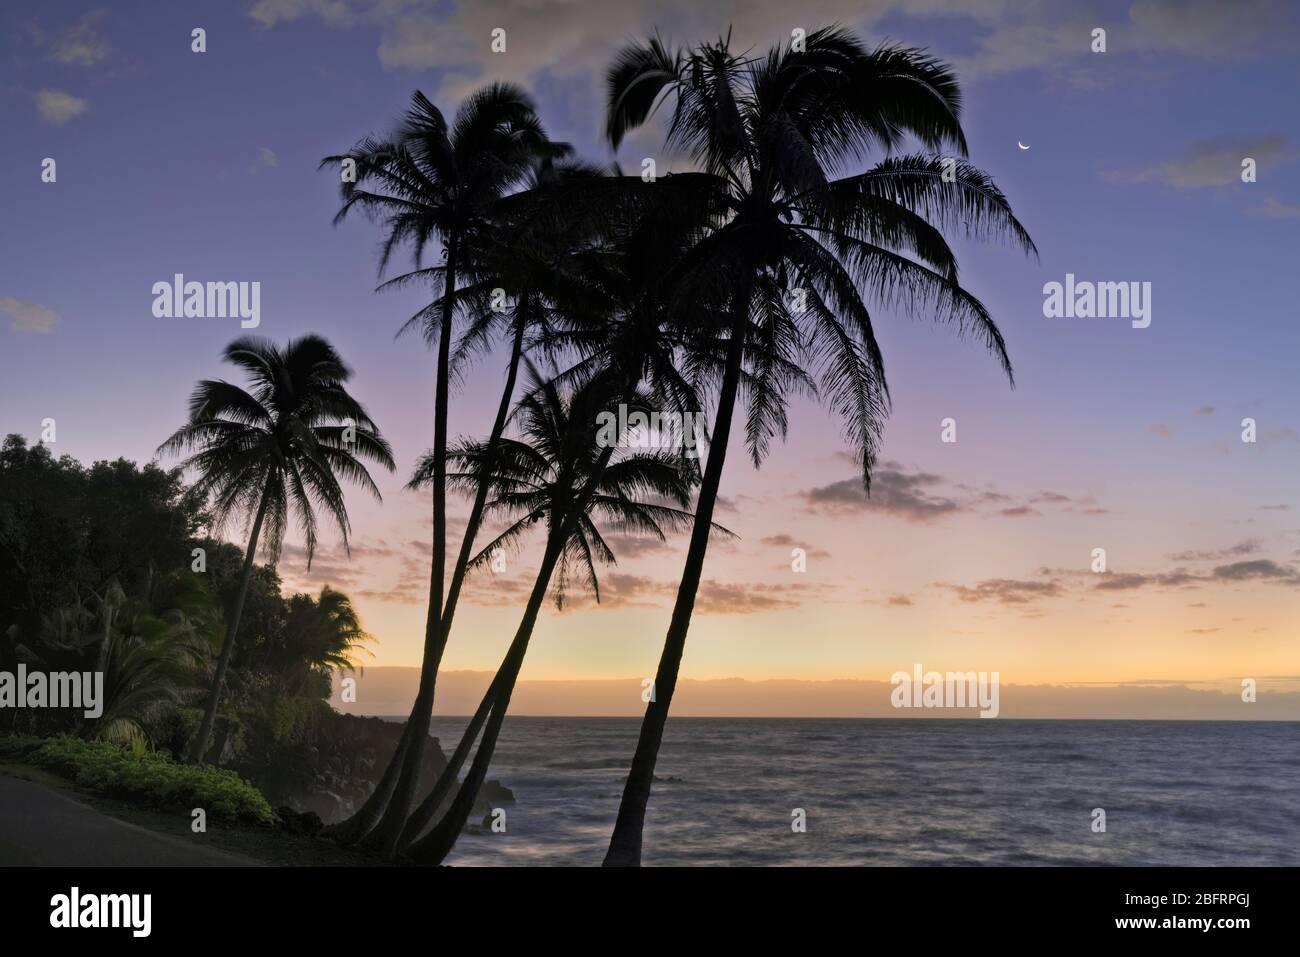 Crépuscule civil avant l'aube avec le cadre croissant de lune et silhouetted Puna palmiers côtiers sur la Grande île d'Hawaï. Banque D'Images